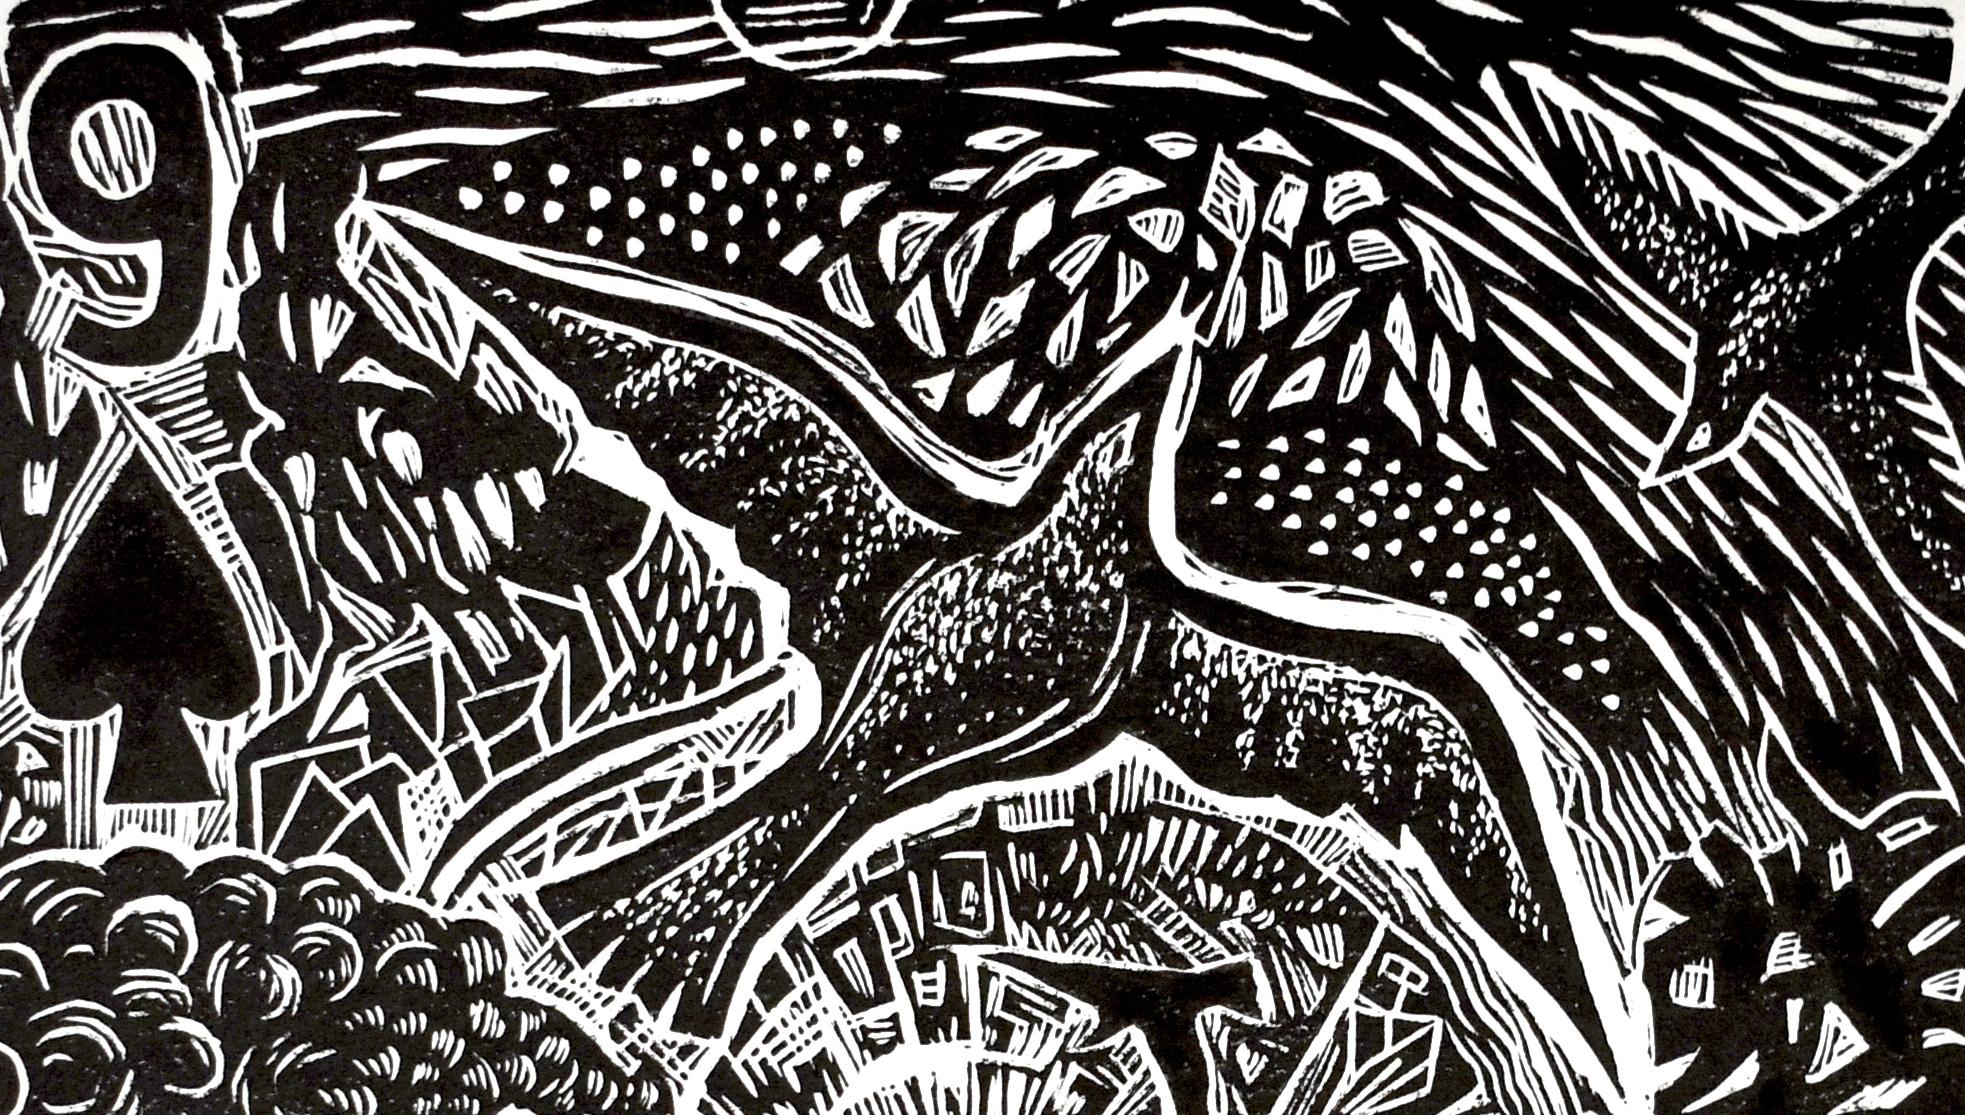 UTOPIA/DYSTOPIA - Curated by Miyo Stevens-GandaraArtwork by Poli Marichal, Utopia (detail), 2019